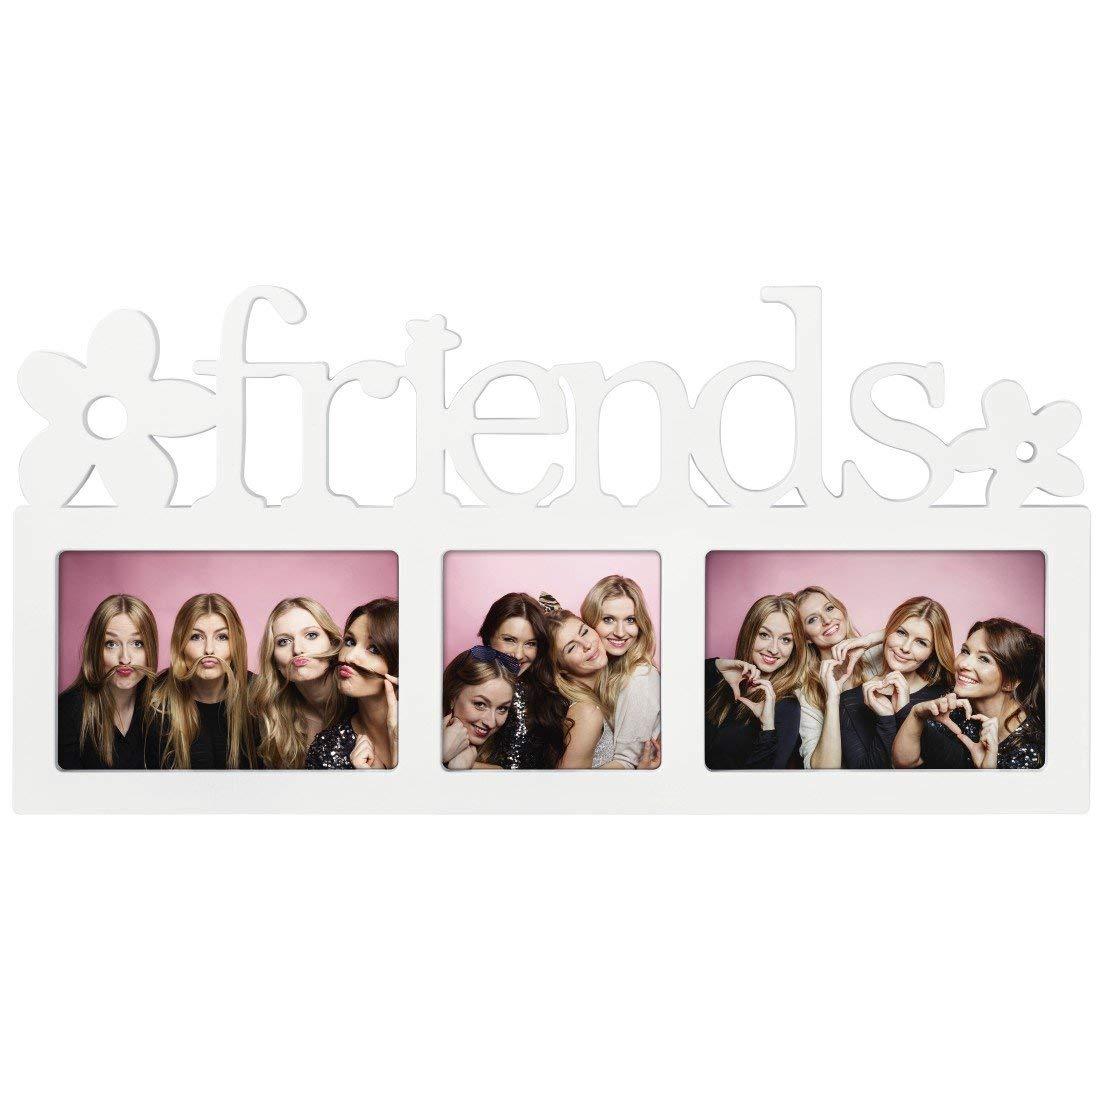 Hama Montreal - Friends Blanco Portafotos múltiple - Marco (Sintético, Blanco, Portafotos múltiple, 10 x 15 cm, 10 x 10 cm, Reflectante): Amazon.es: Hogar